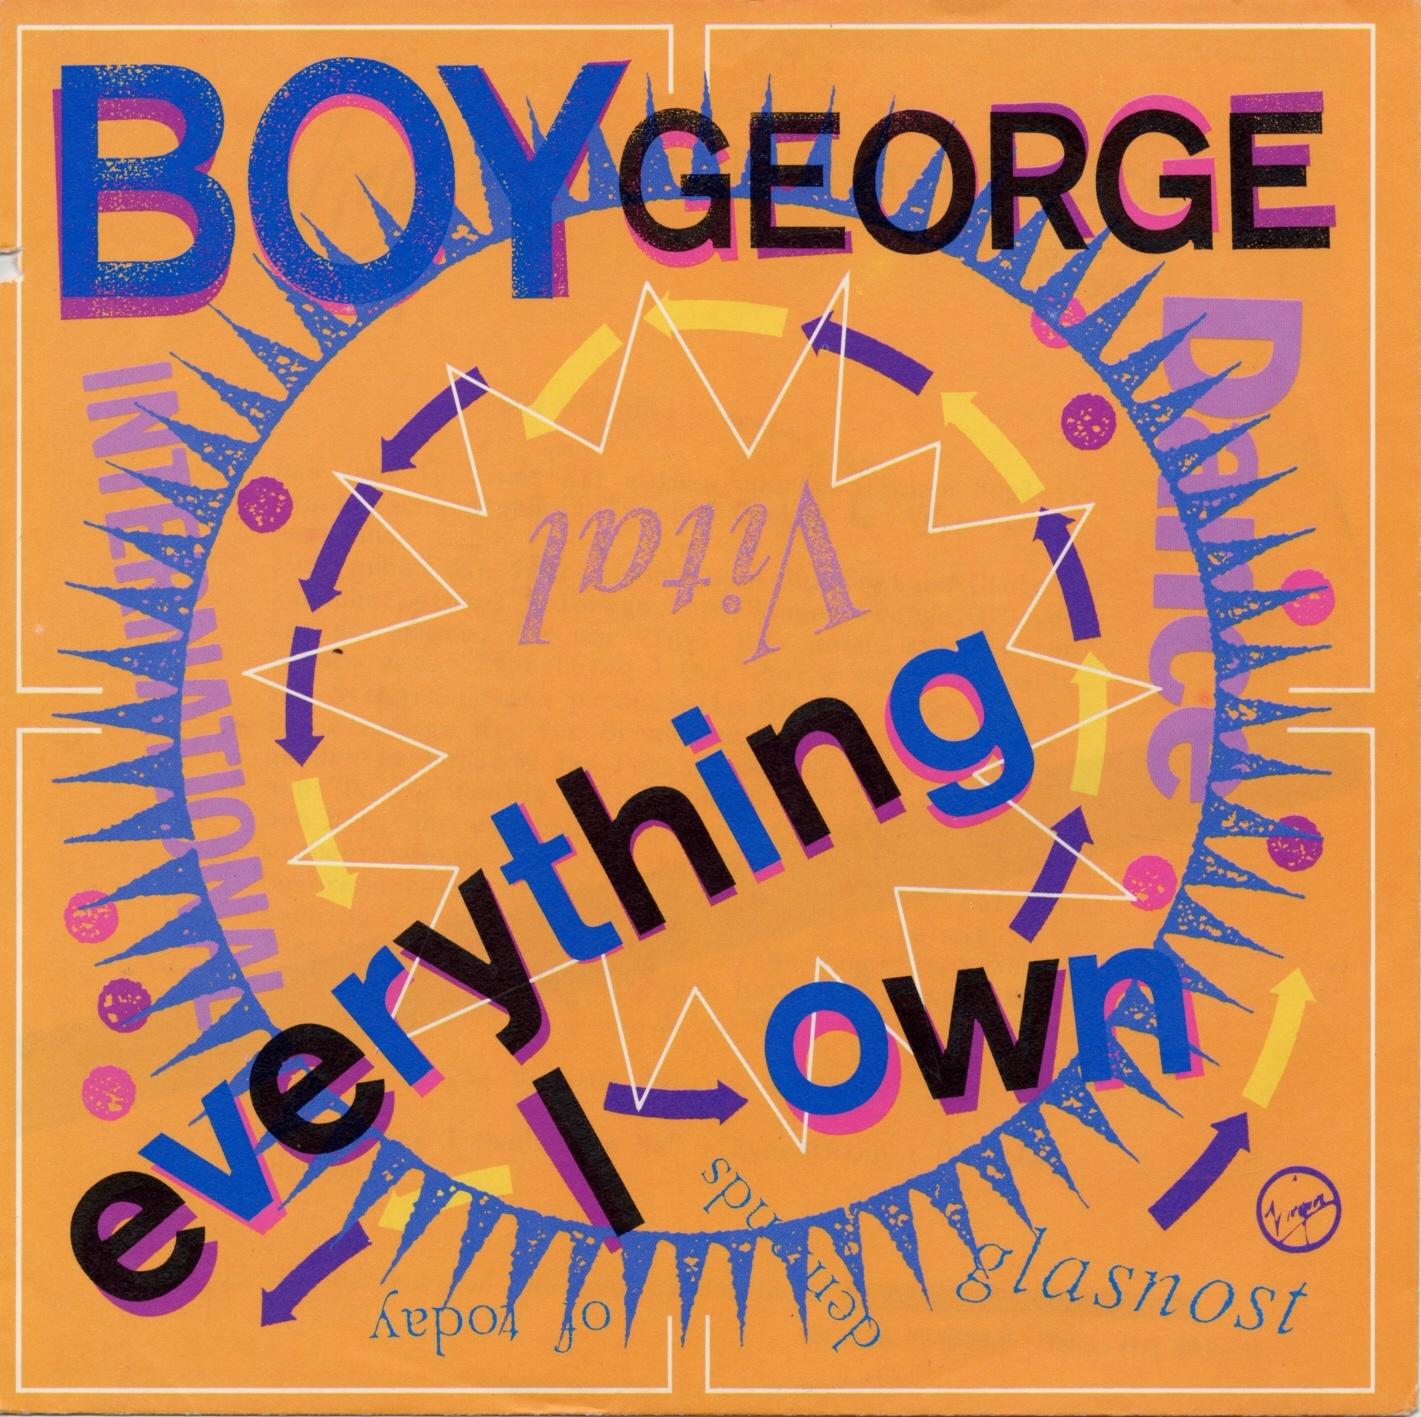 Everything I own (Foto: Boy George)